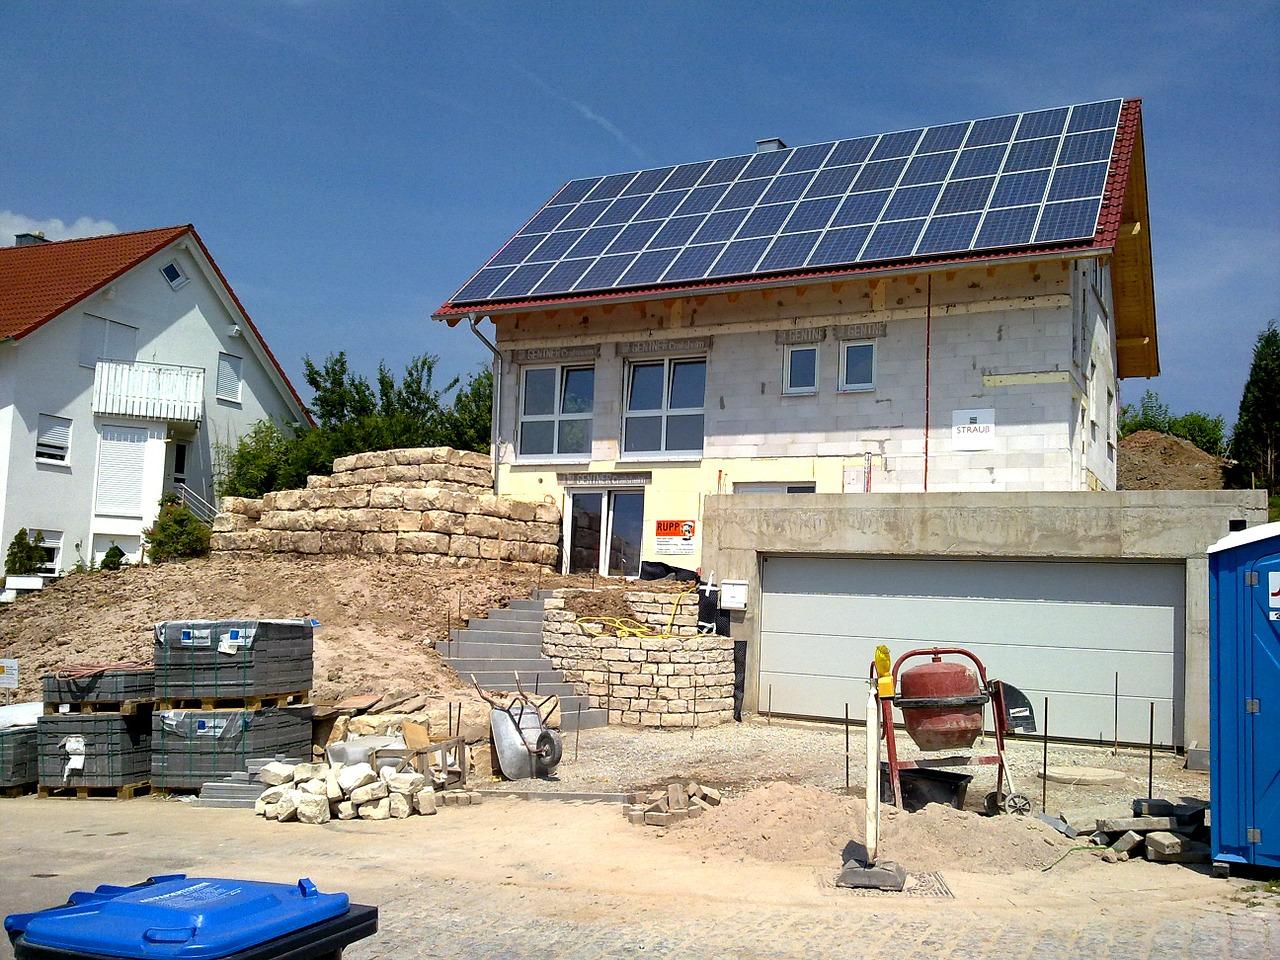 Sposoby na zwiększenie energooszczędności domu